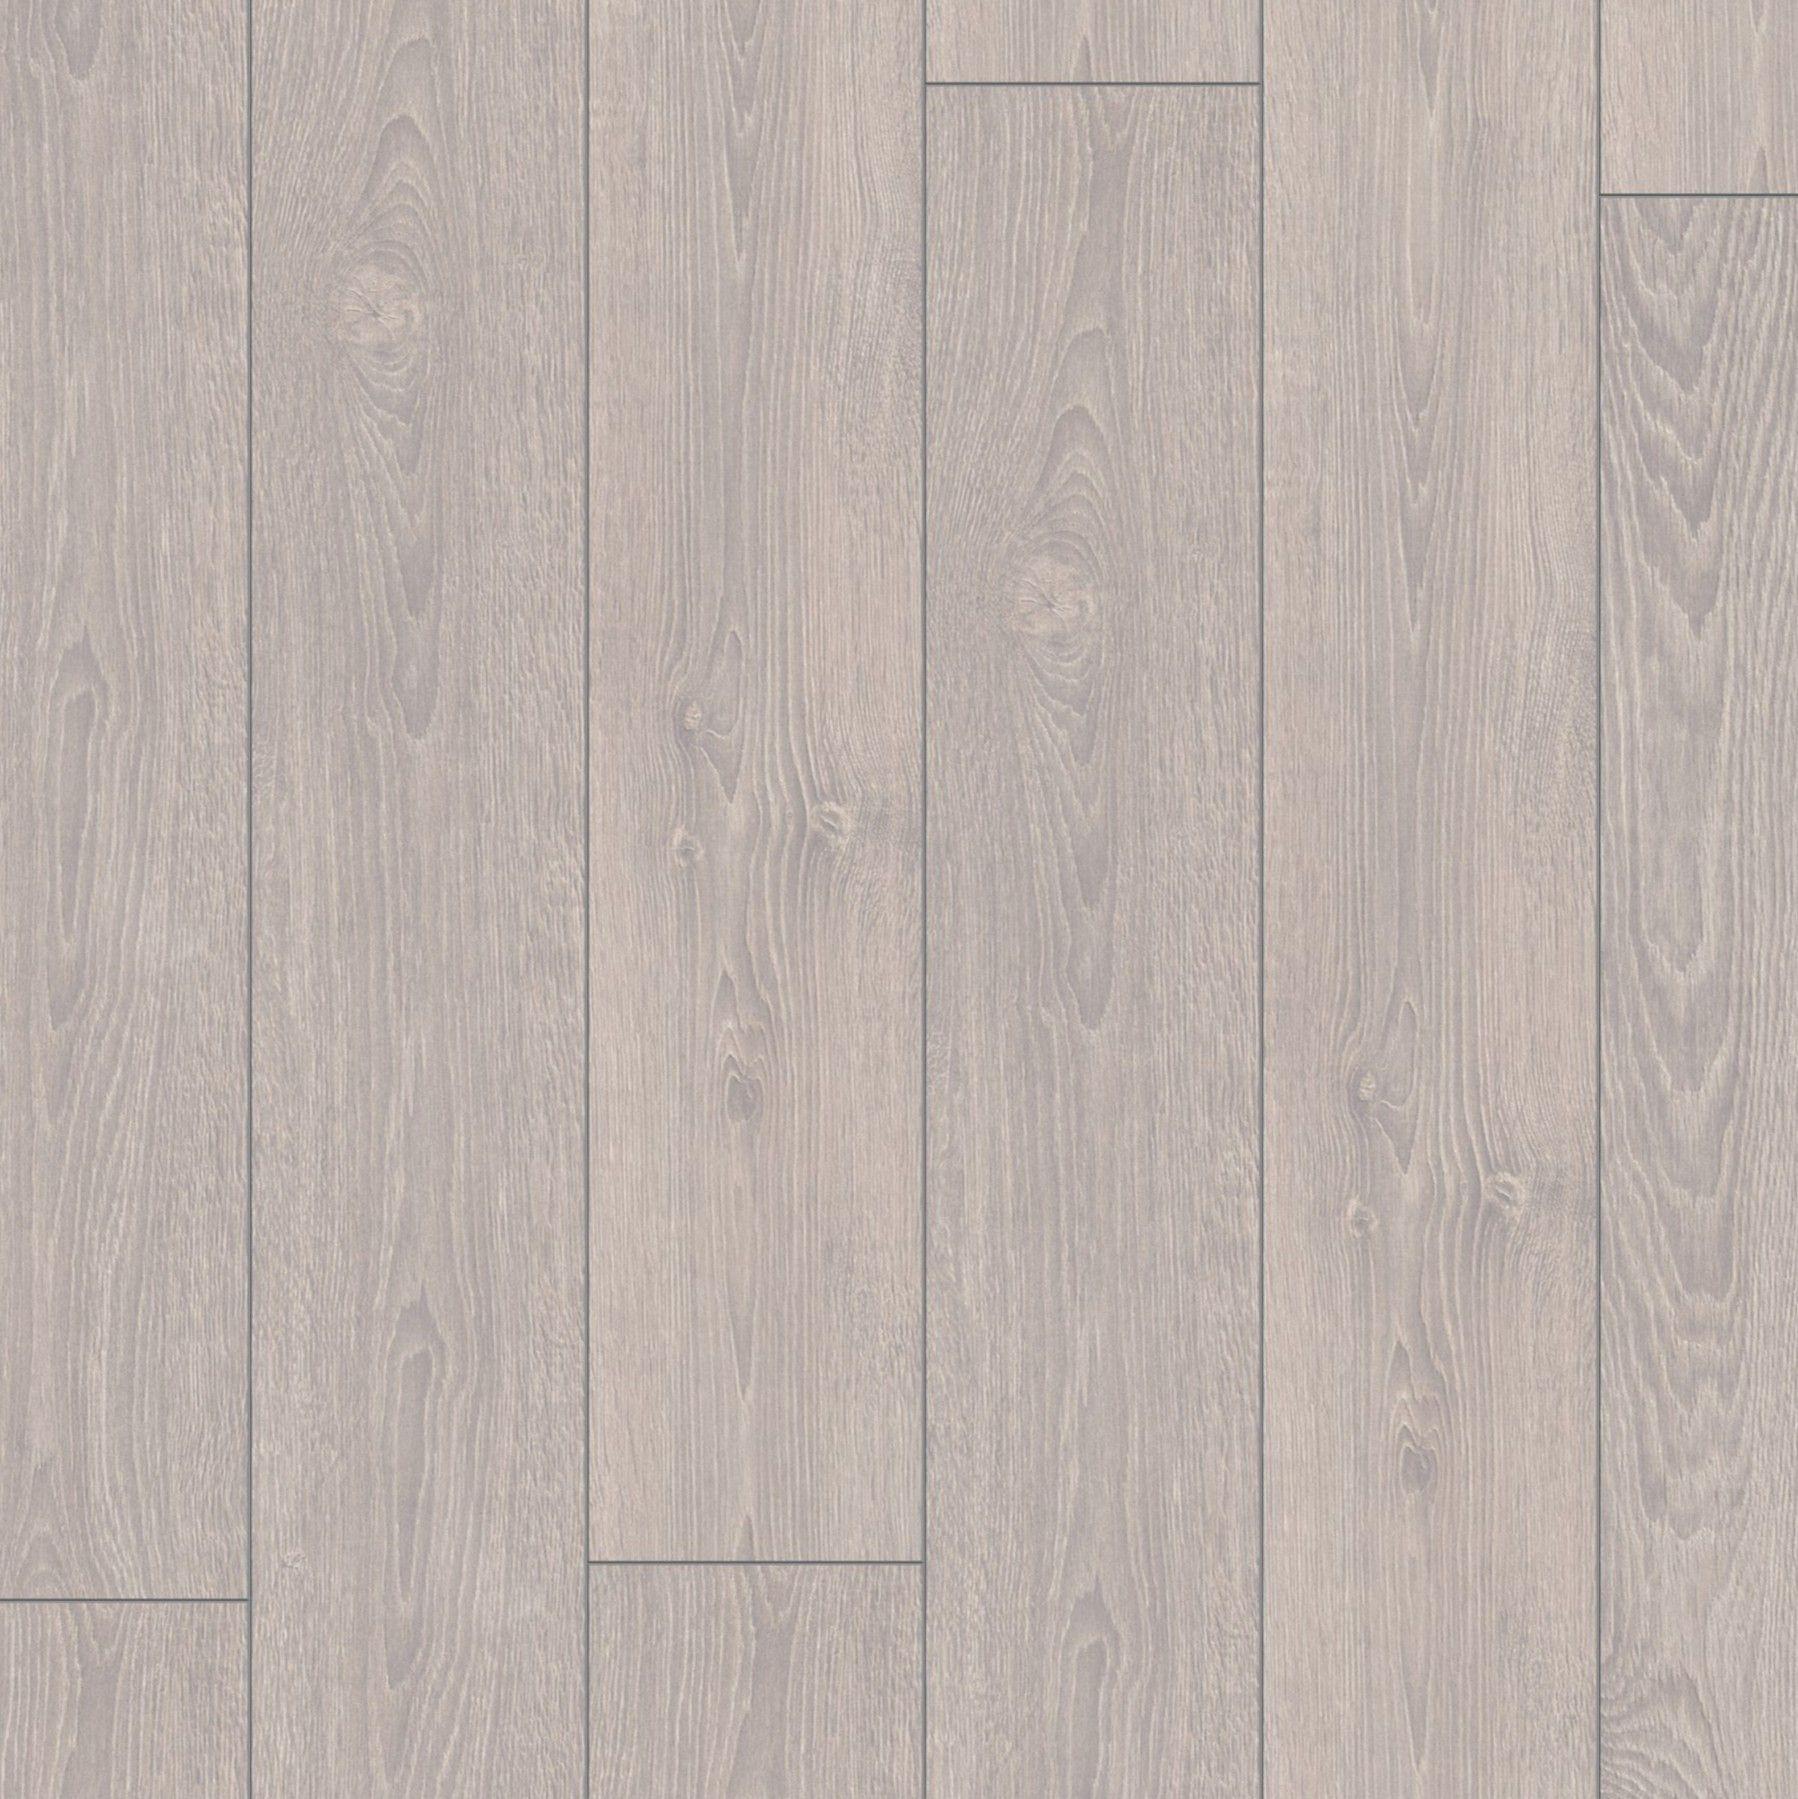 Resultat De Recherche D Images Pour Texture Parquet Clair Plancher Terrasse Plancher Dalle Bois